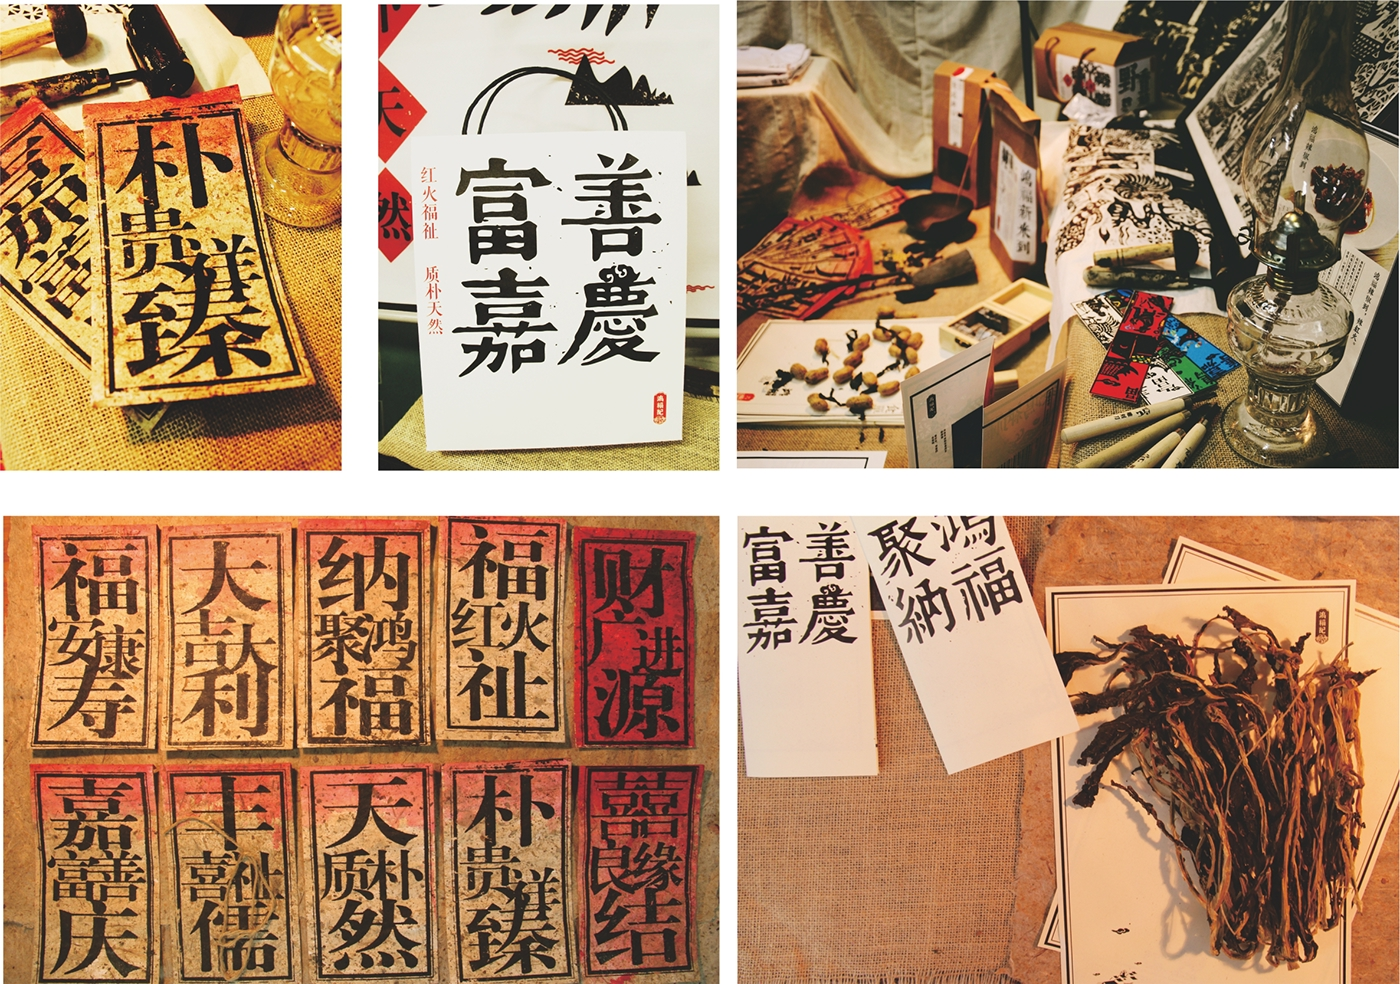 chai-kunpeng-hongfuji-branding-hisheji (8)